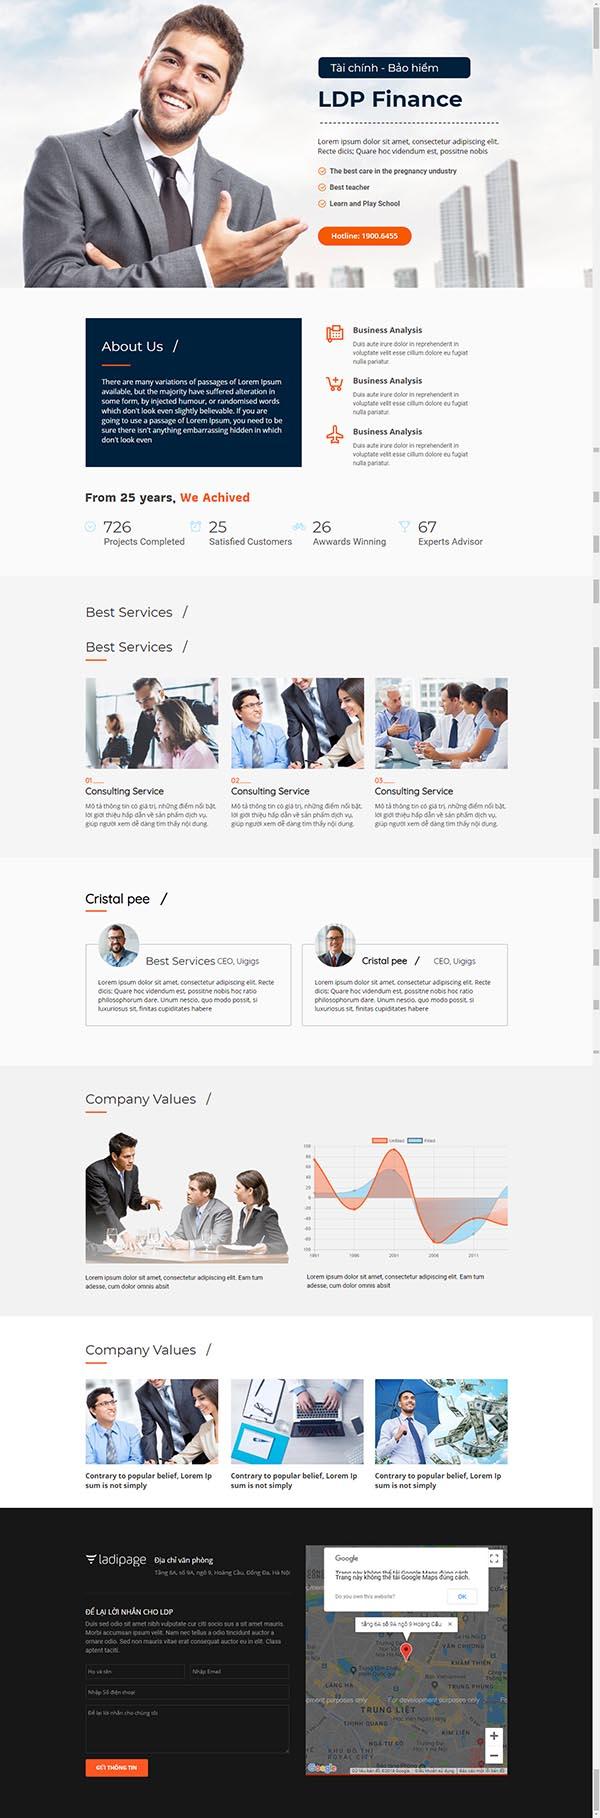 Thiết kế Mẫu website Landing Page 09